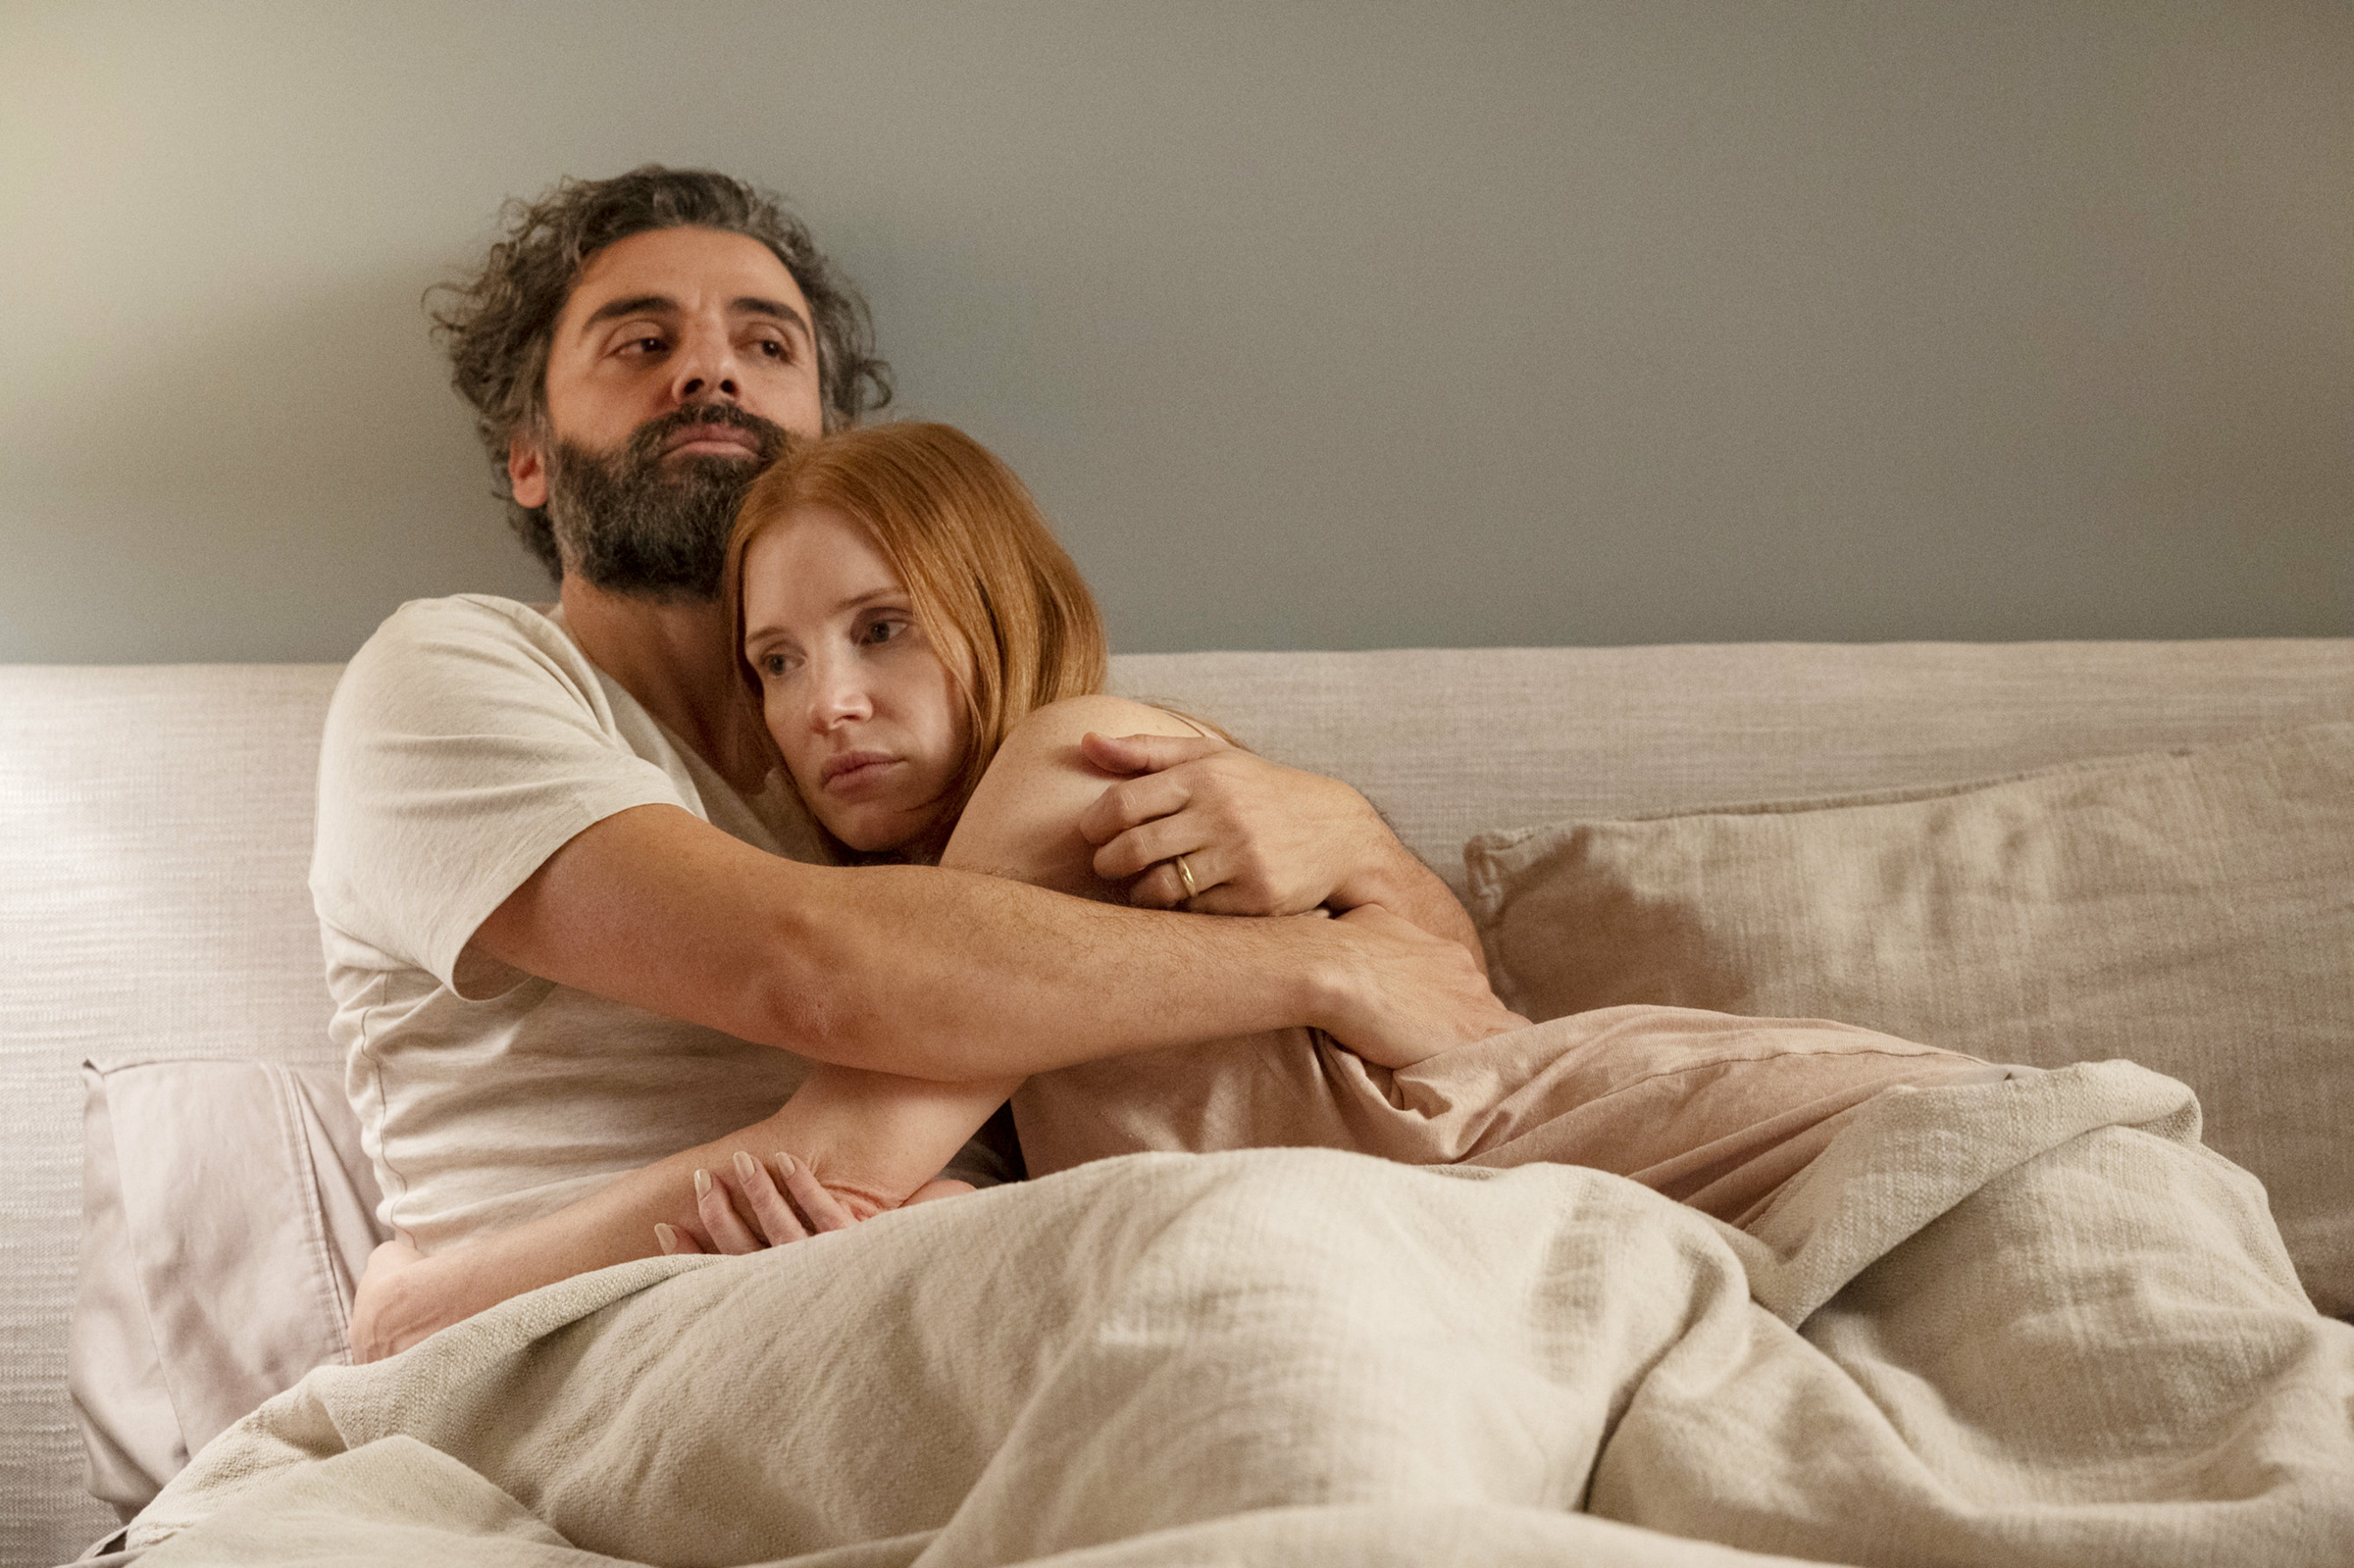 Jonathan og Mira i deres perfekte hjem i deres uperfekte ægteskab i den nye udgave af Bergmanns Scener fra et ægteskab. En traditionel remake, men det virker. Ses bedst alene – uden ægtefælle. Man føler, det kunne smitte. PR-foto: HBO Foto: